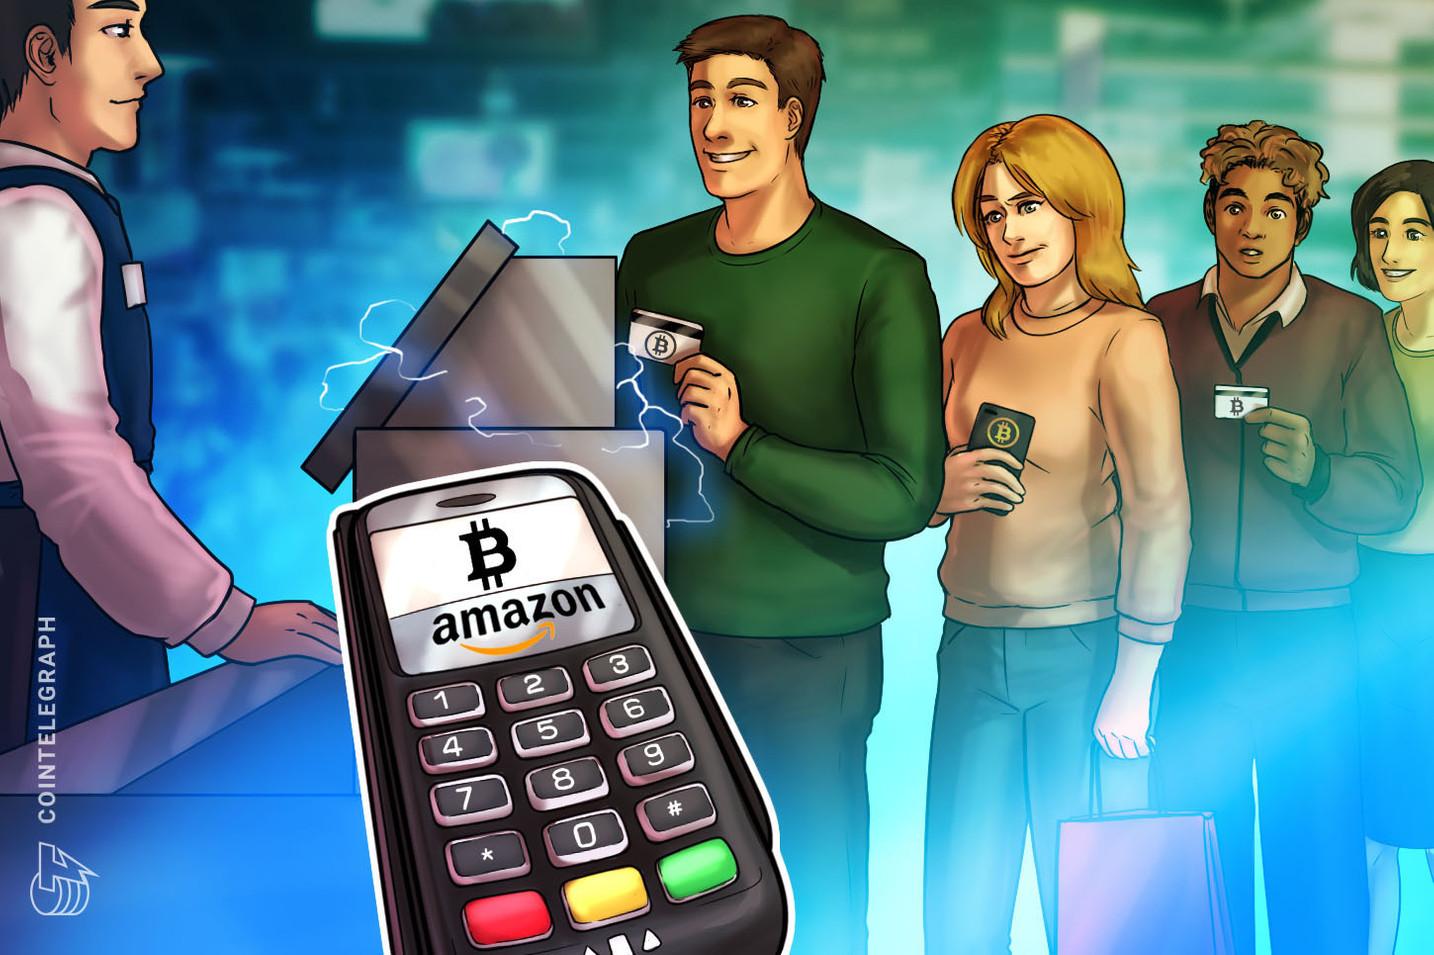 Amazon planlegger å godta Bitcoin-innbetalinger i år, hevder insider